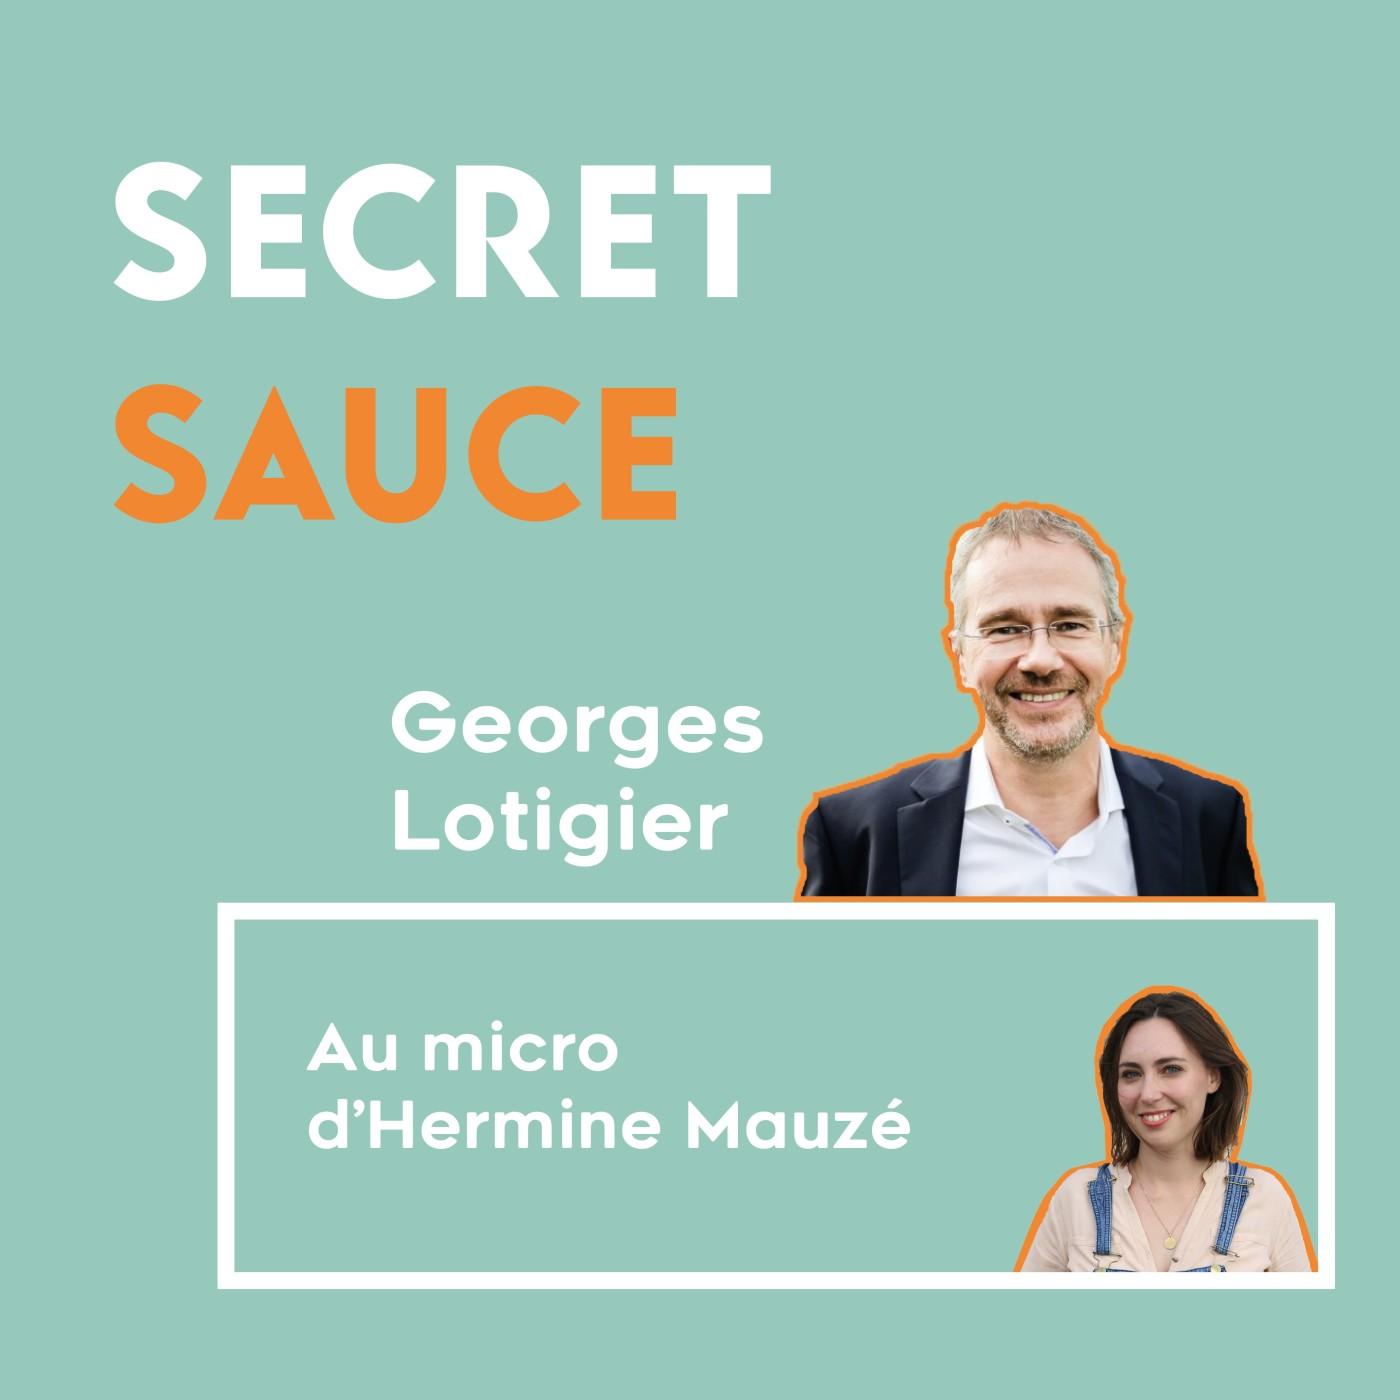 #6 - Georges Lotigier, une bonne étoile au dessus de la tête